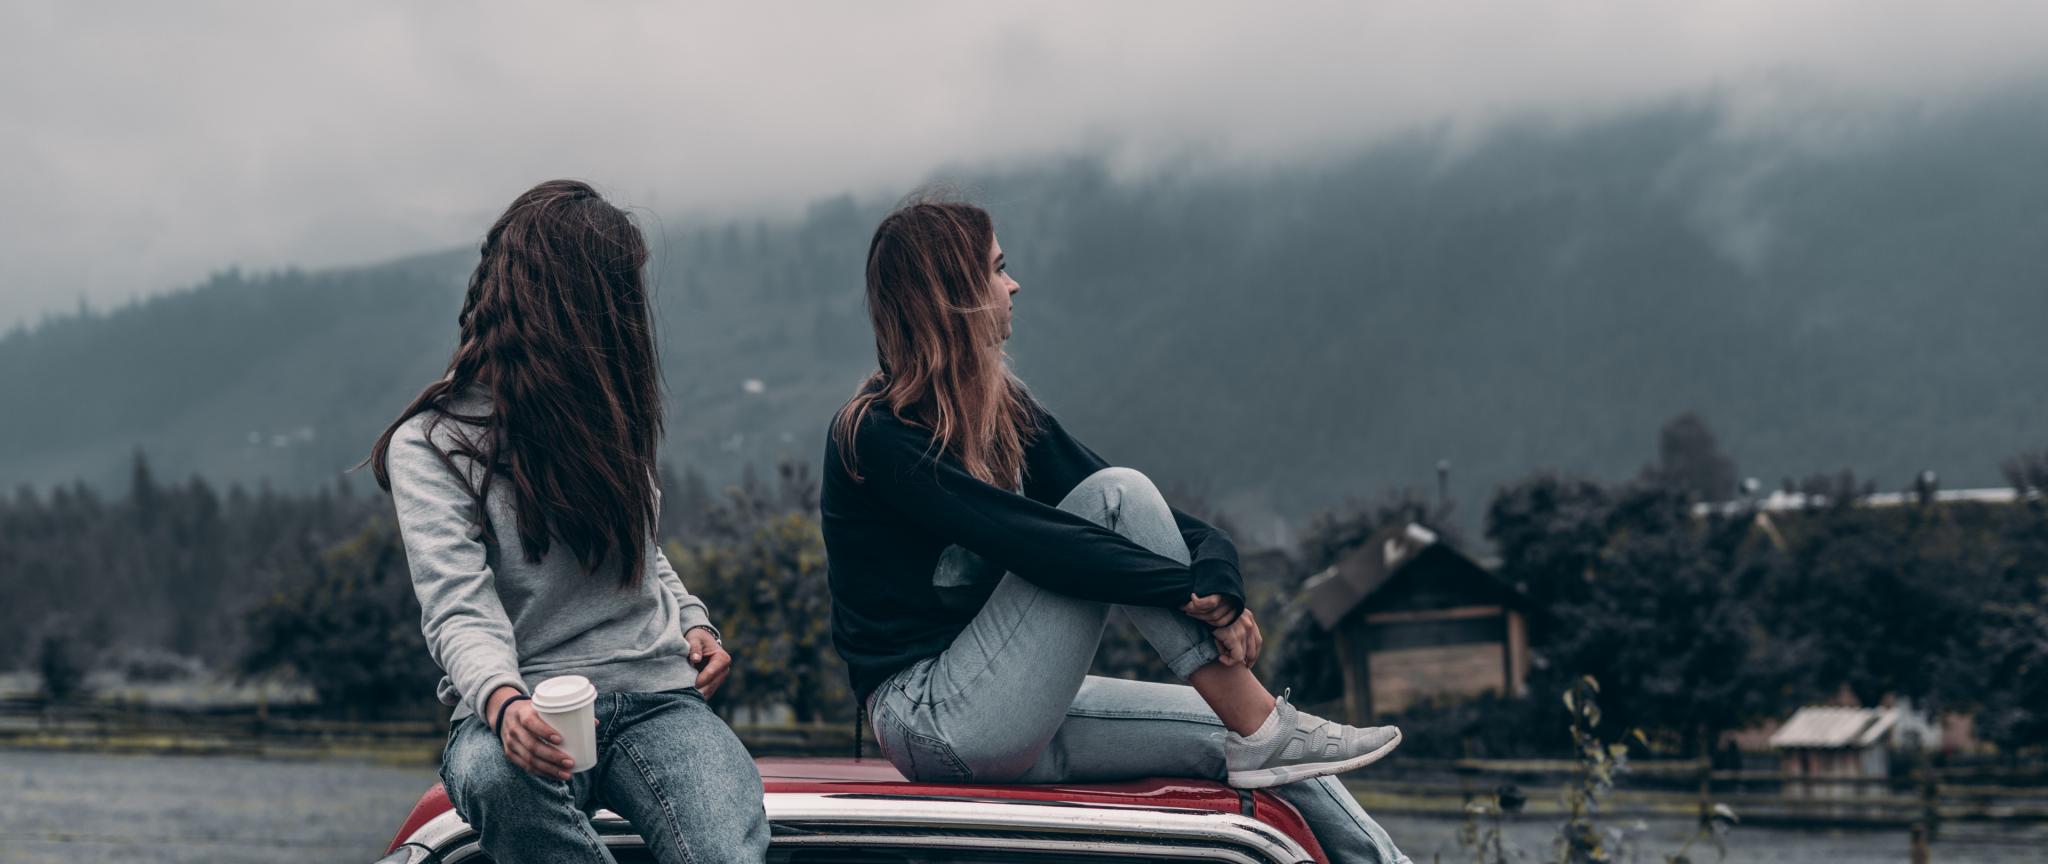 Sácate el teórico del coche en San Cristóbal de la Laguna